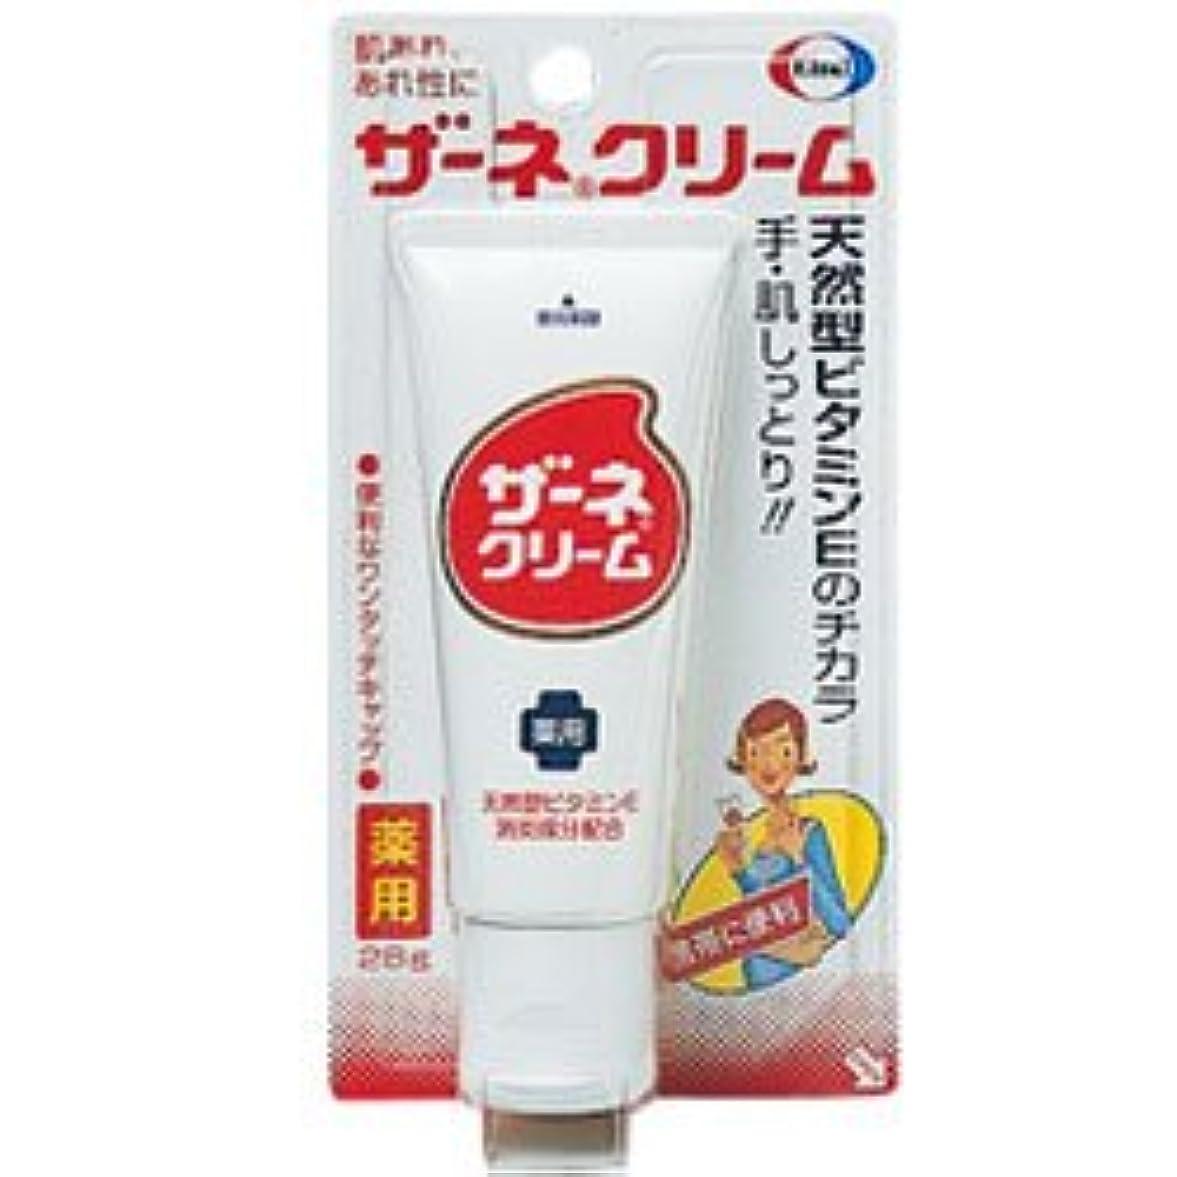 覗く起業家愛情【エーザイ】ザーネクリーム 28g☆☆ ×5個セット